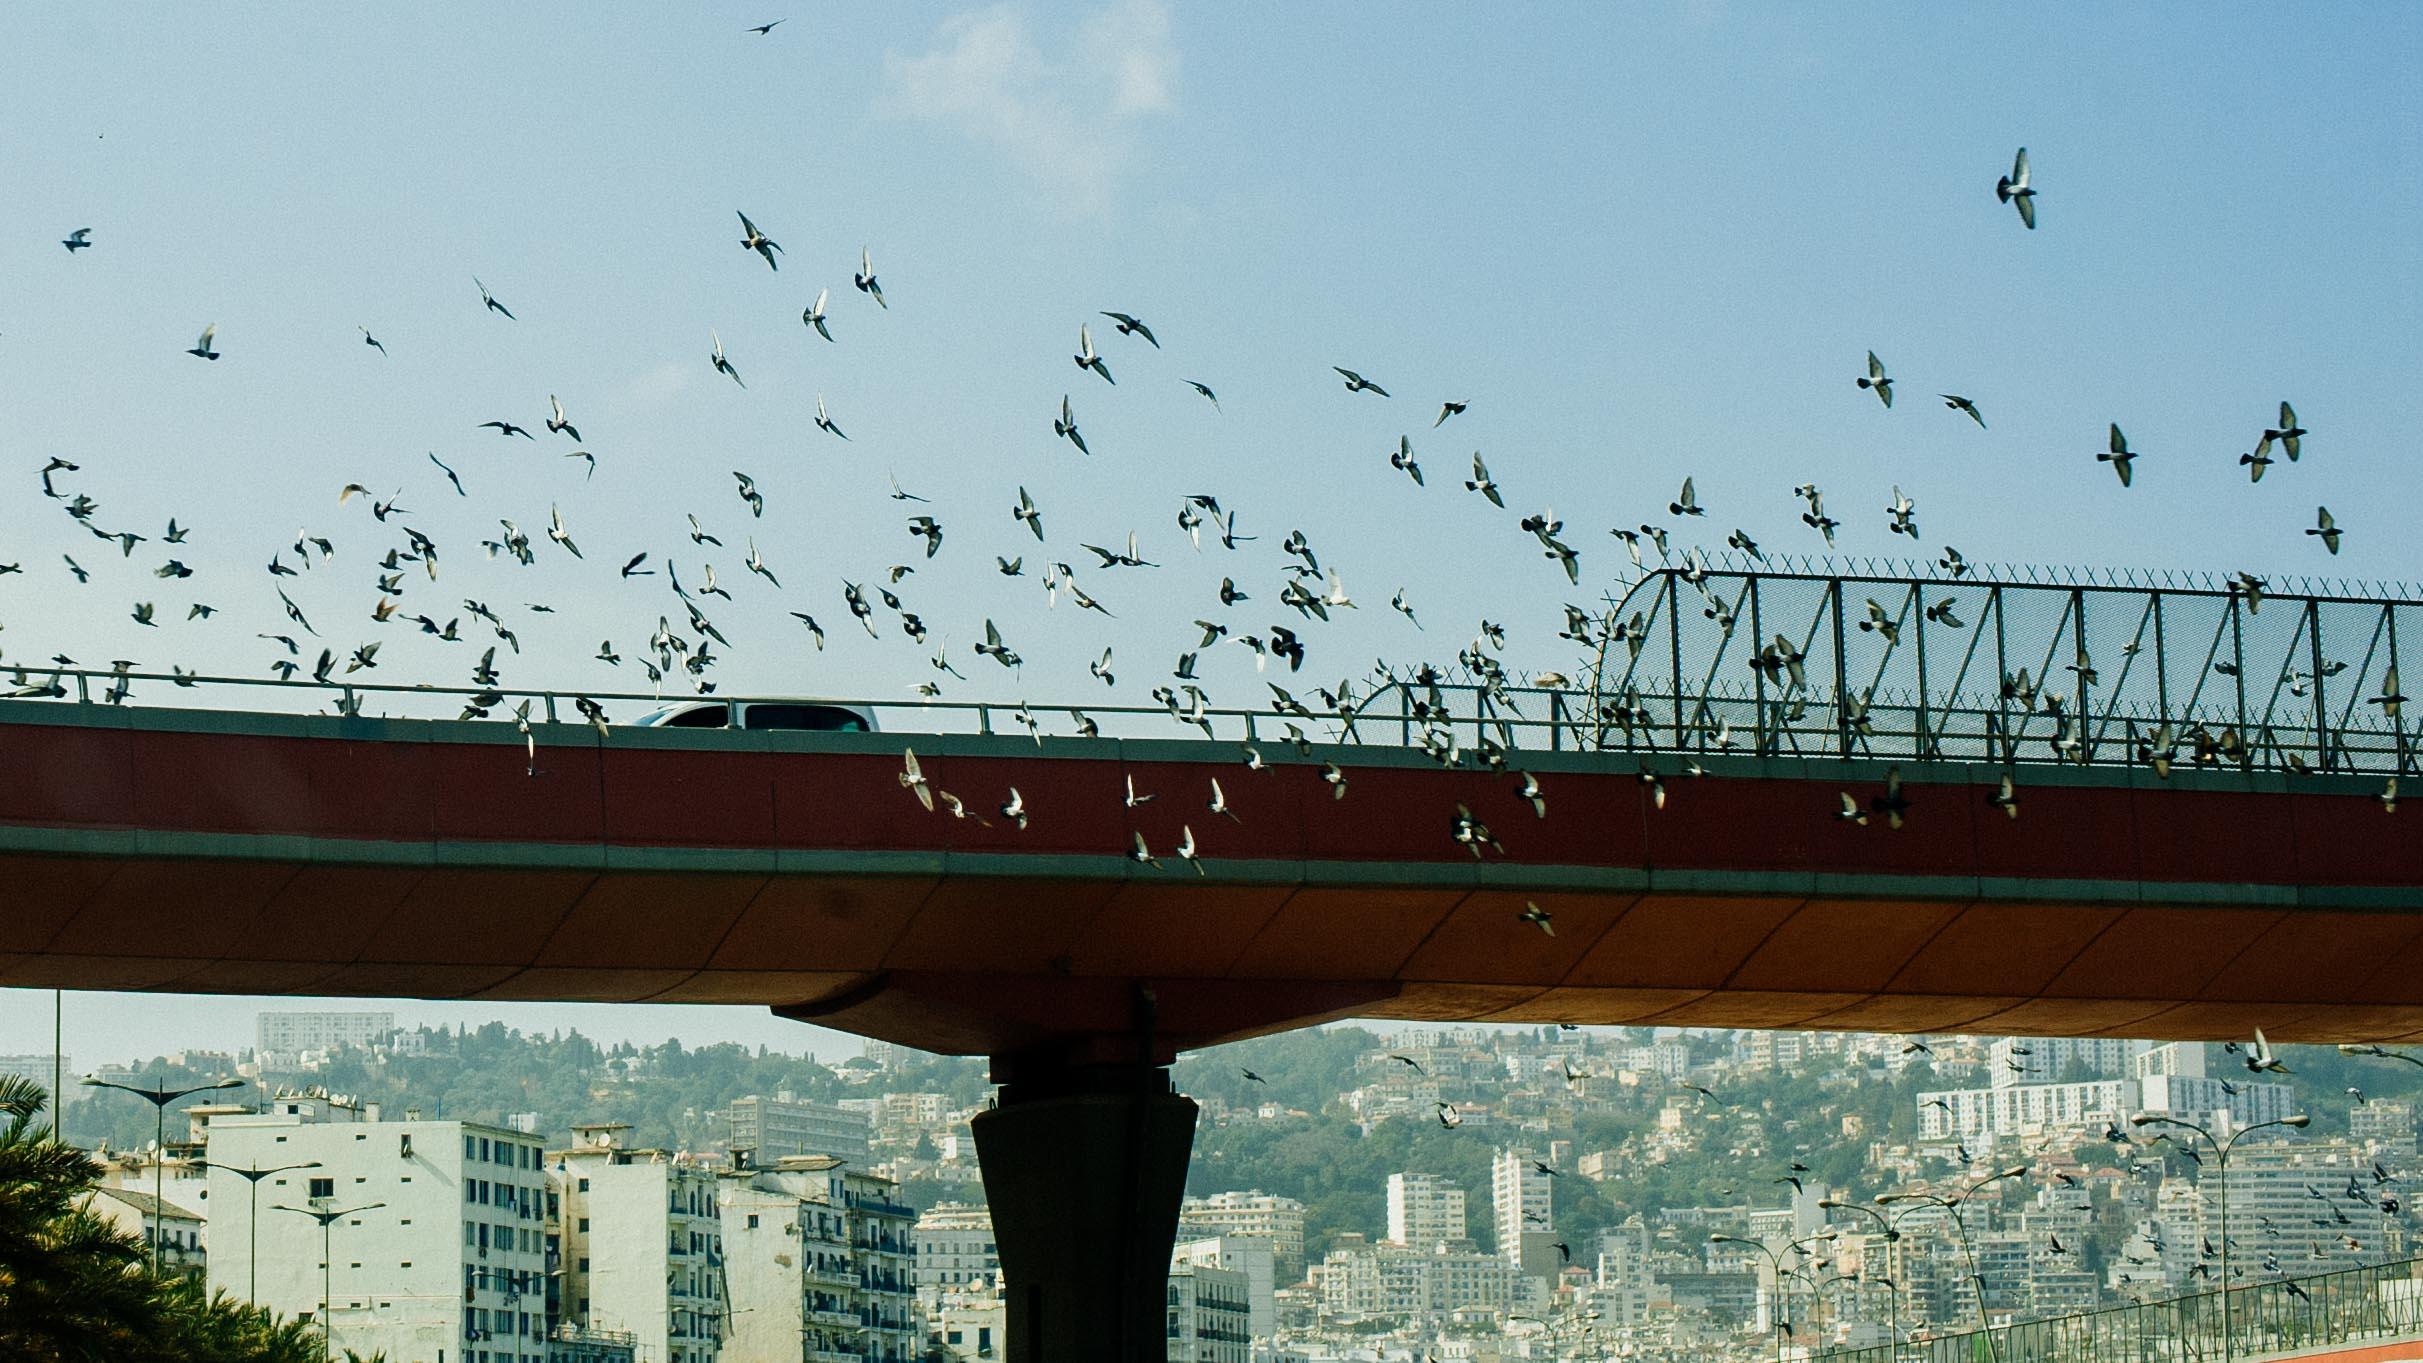 Oiseaux volant au dessus d'un point – Alger - Birds flying over a bridge – Algiers